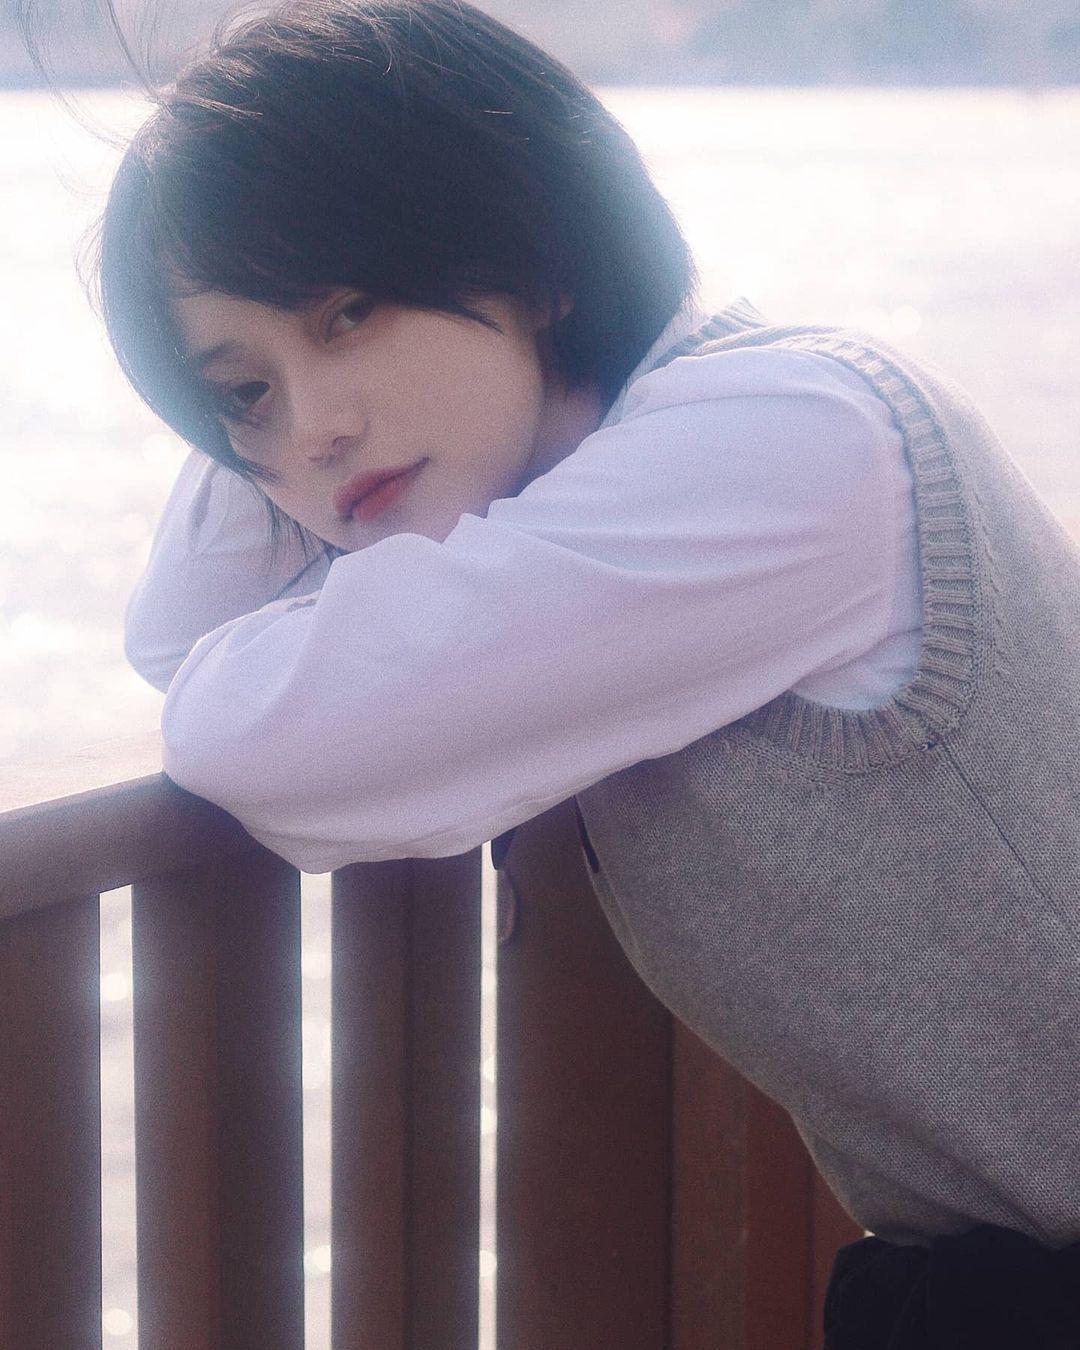 【喵妹】清纯短发妹「ソニョン」甜美气质让人无法抗拒超梦幻「迷蒙笑容」仿佛从二次元走出